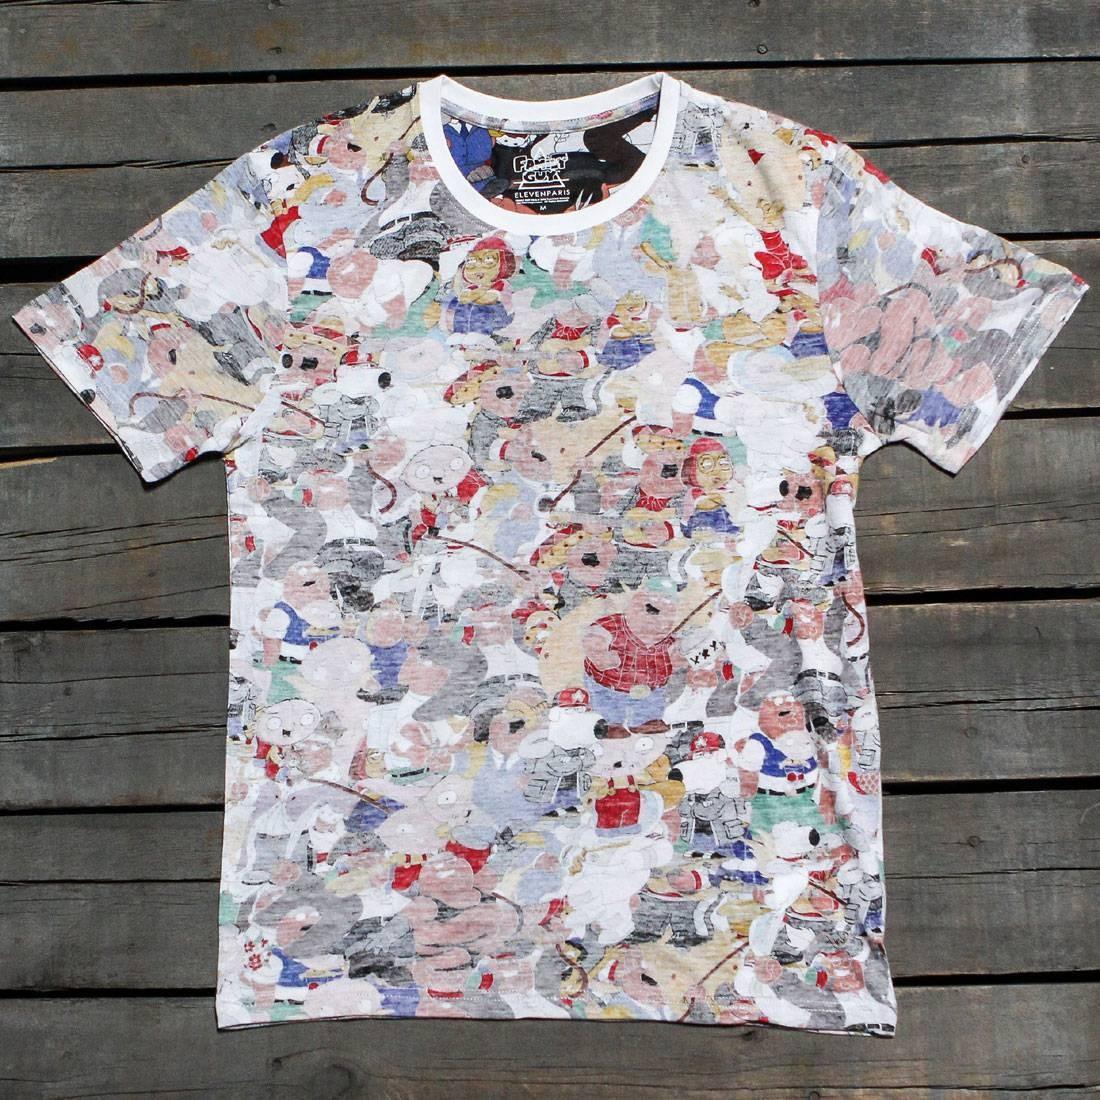 【海外限定】Tシャツ メンズファッション トップス 【 ELEVEN PARIS X FAMILY GUY MEN COLLAGE TEE WHITE ALL OVER PRINT 】【送料無料】